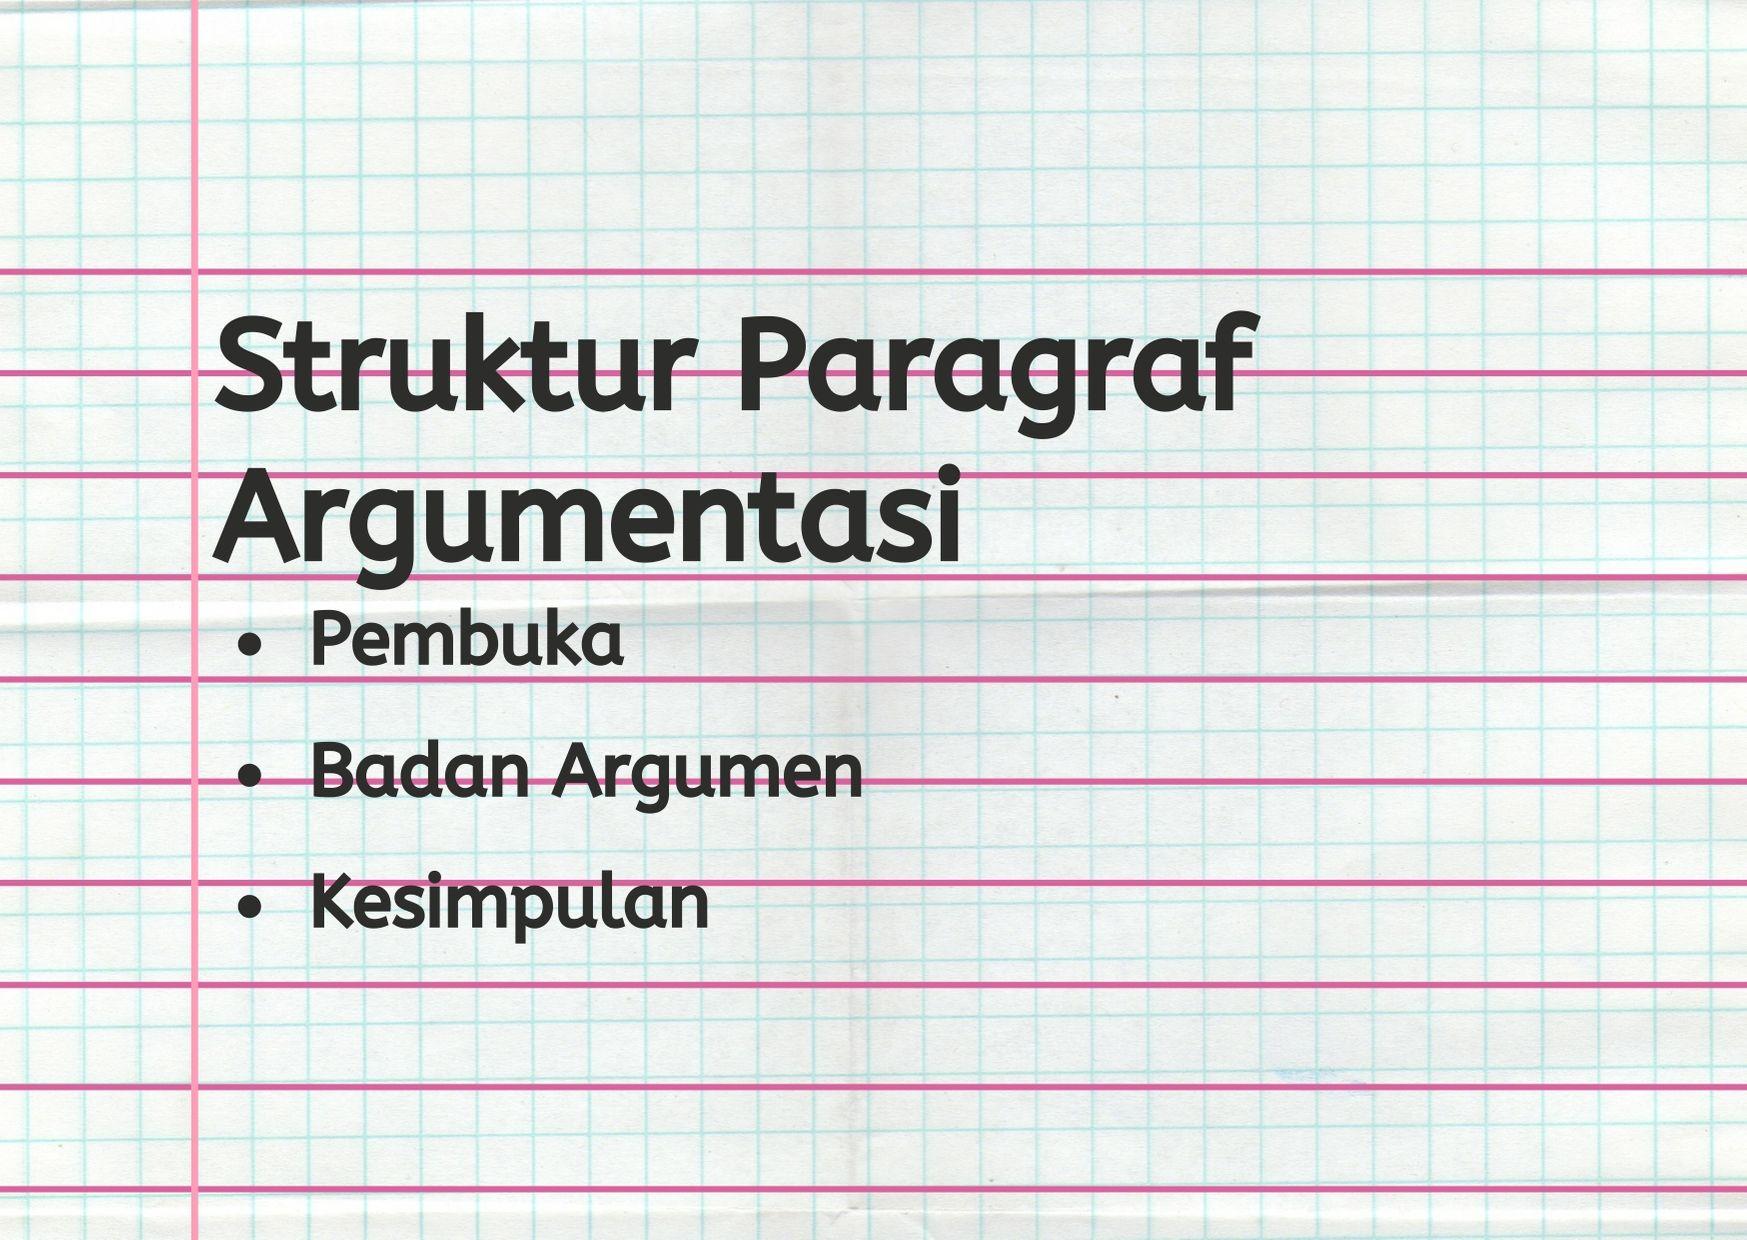 Paragraf Argumentasi: Paragraf untuk Sampaikan Argumenmu 27